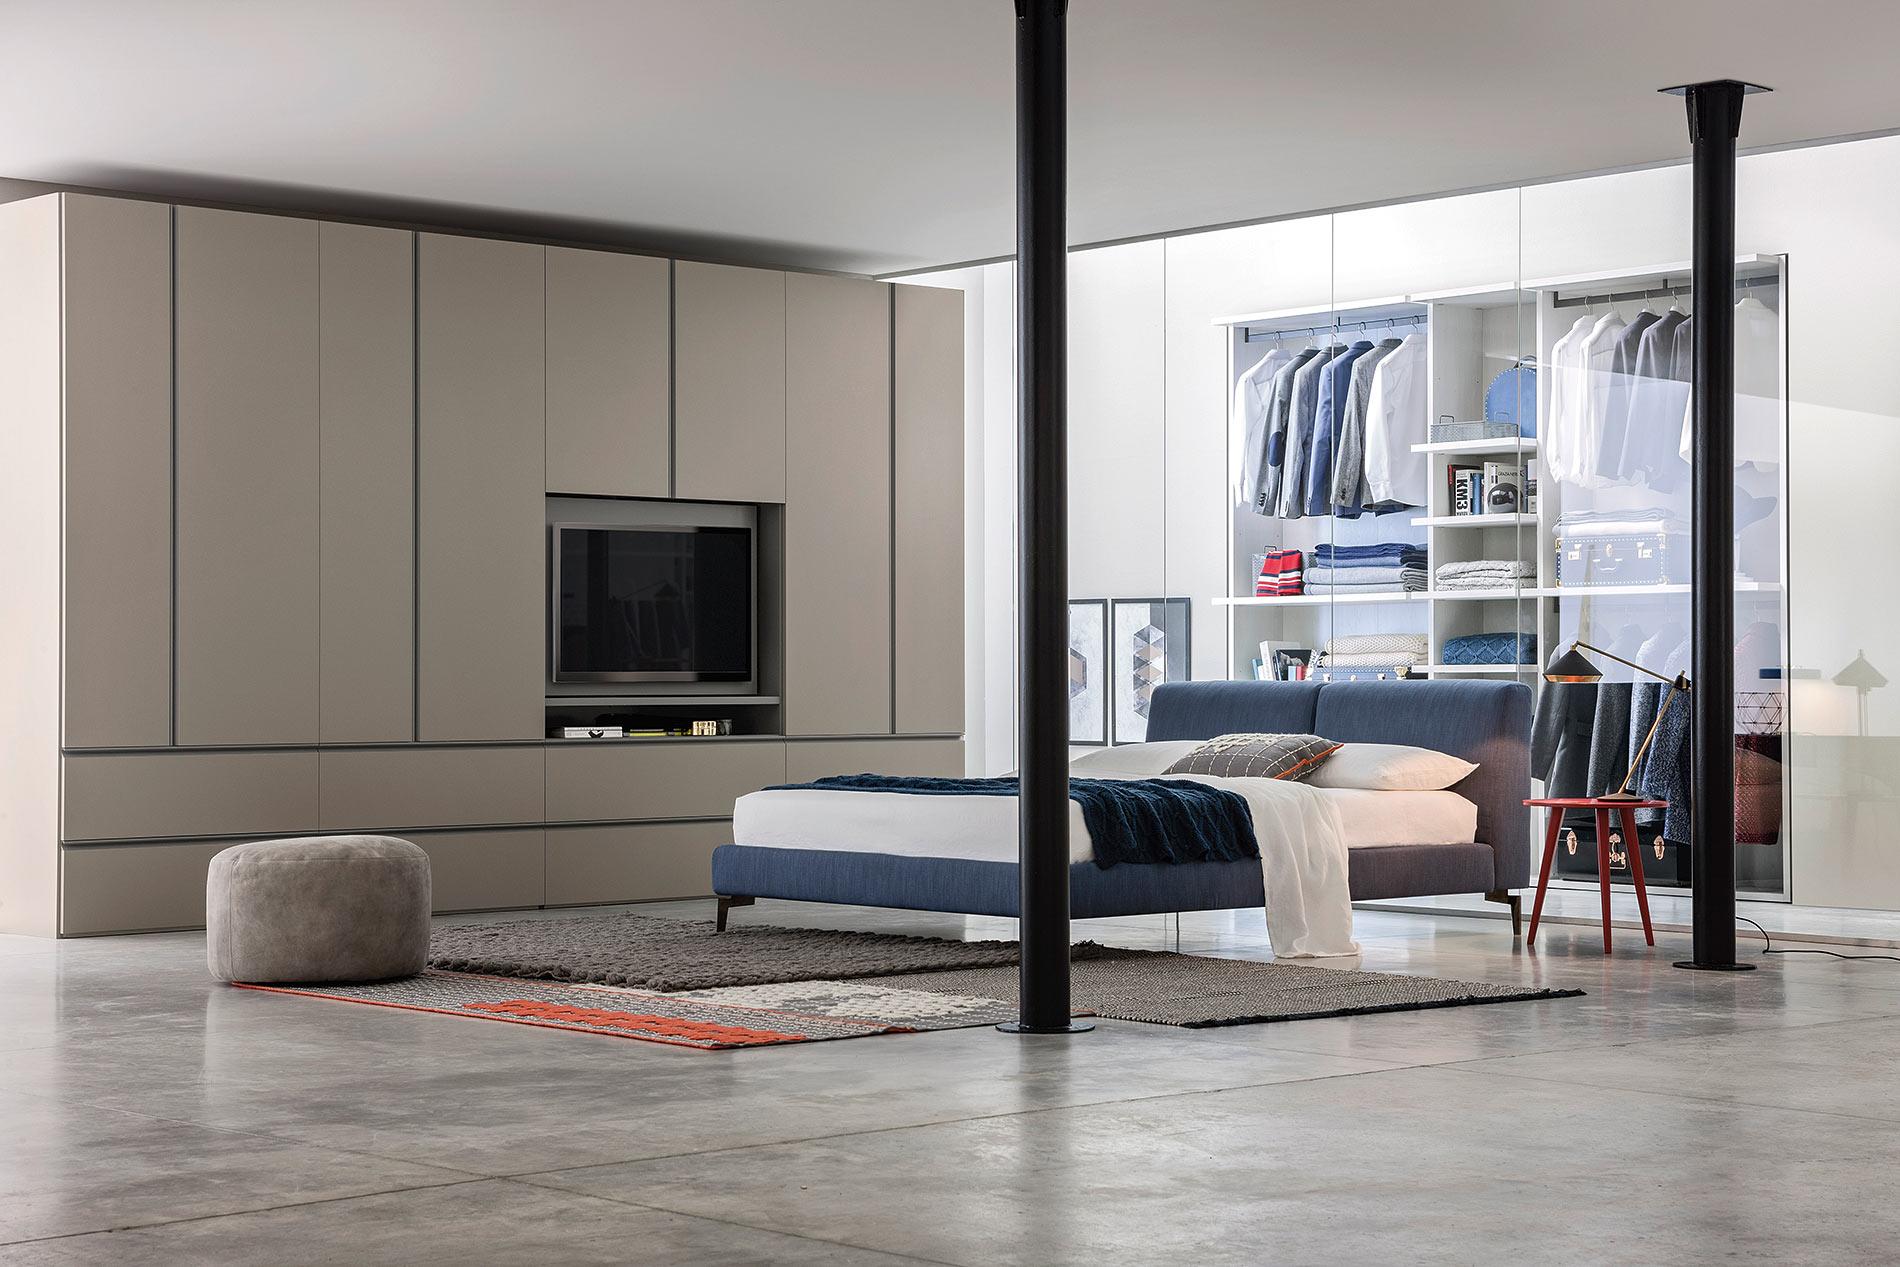 100 Schlafzimmerschrank Tv Ideen Wohnwand Ikea Hemnes